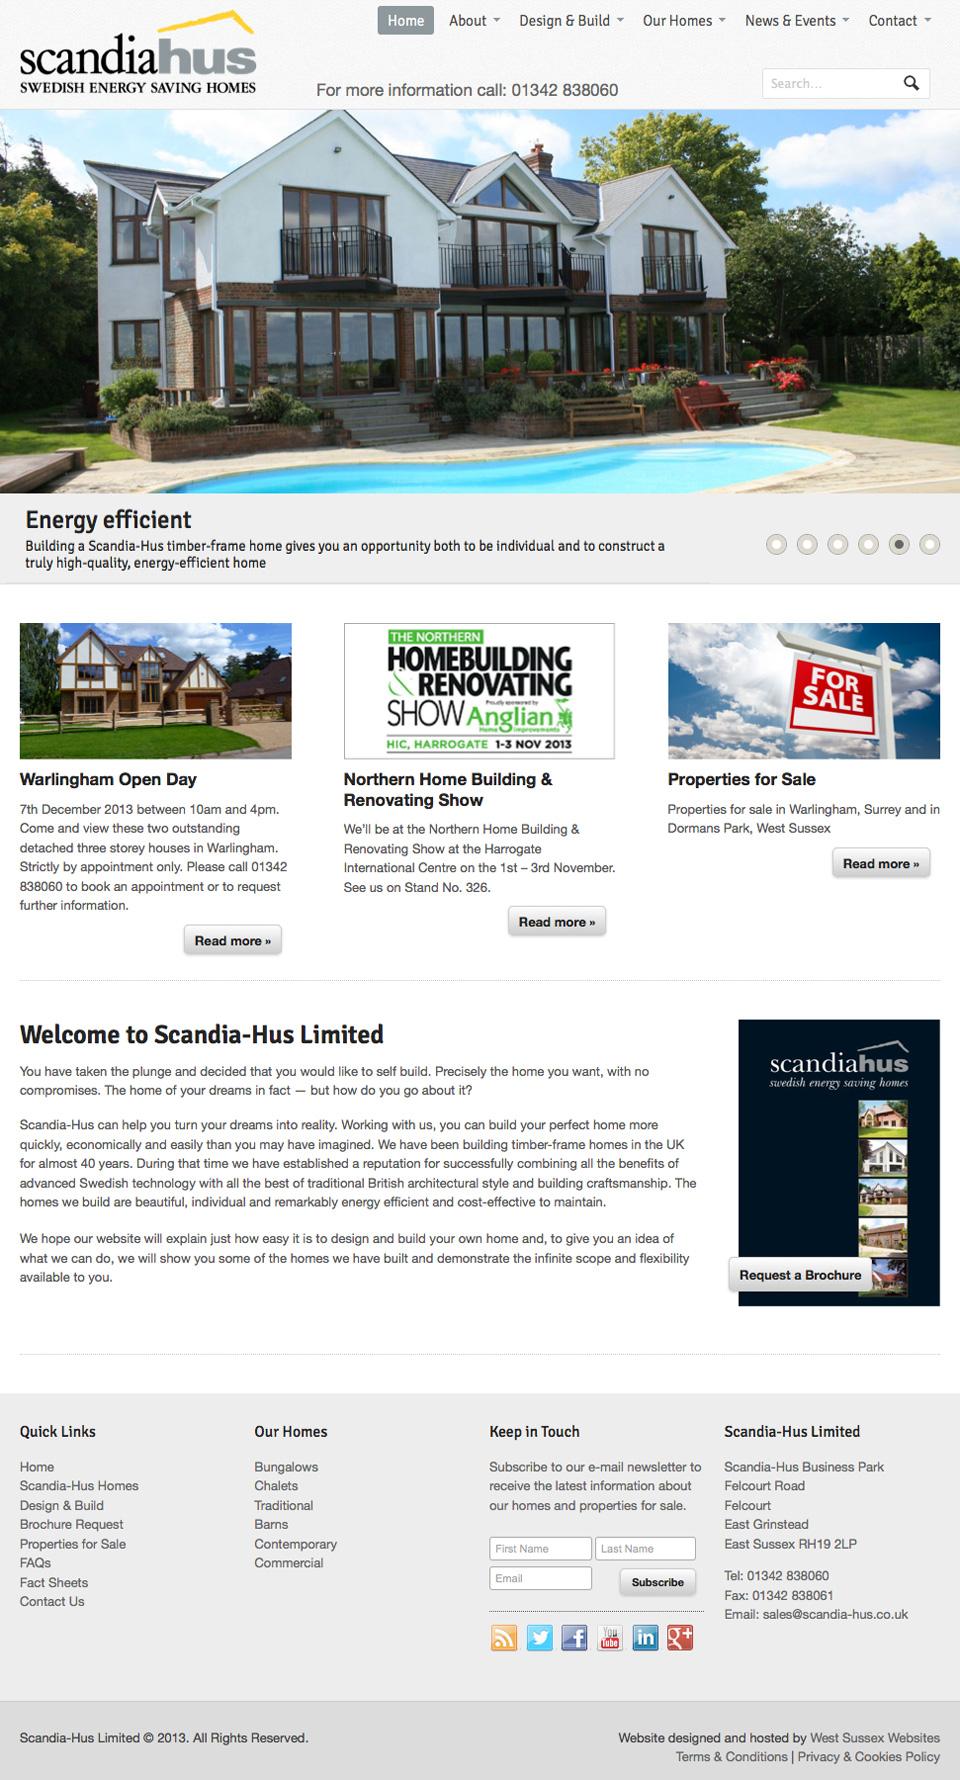 scandia hus west sussex websites. Black Bedroom Furniture Sets. Home Design Ideas